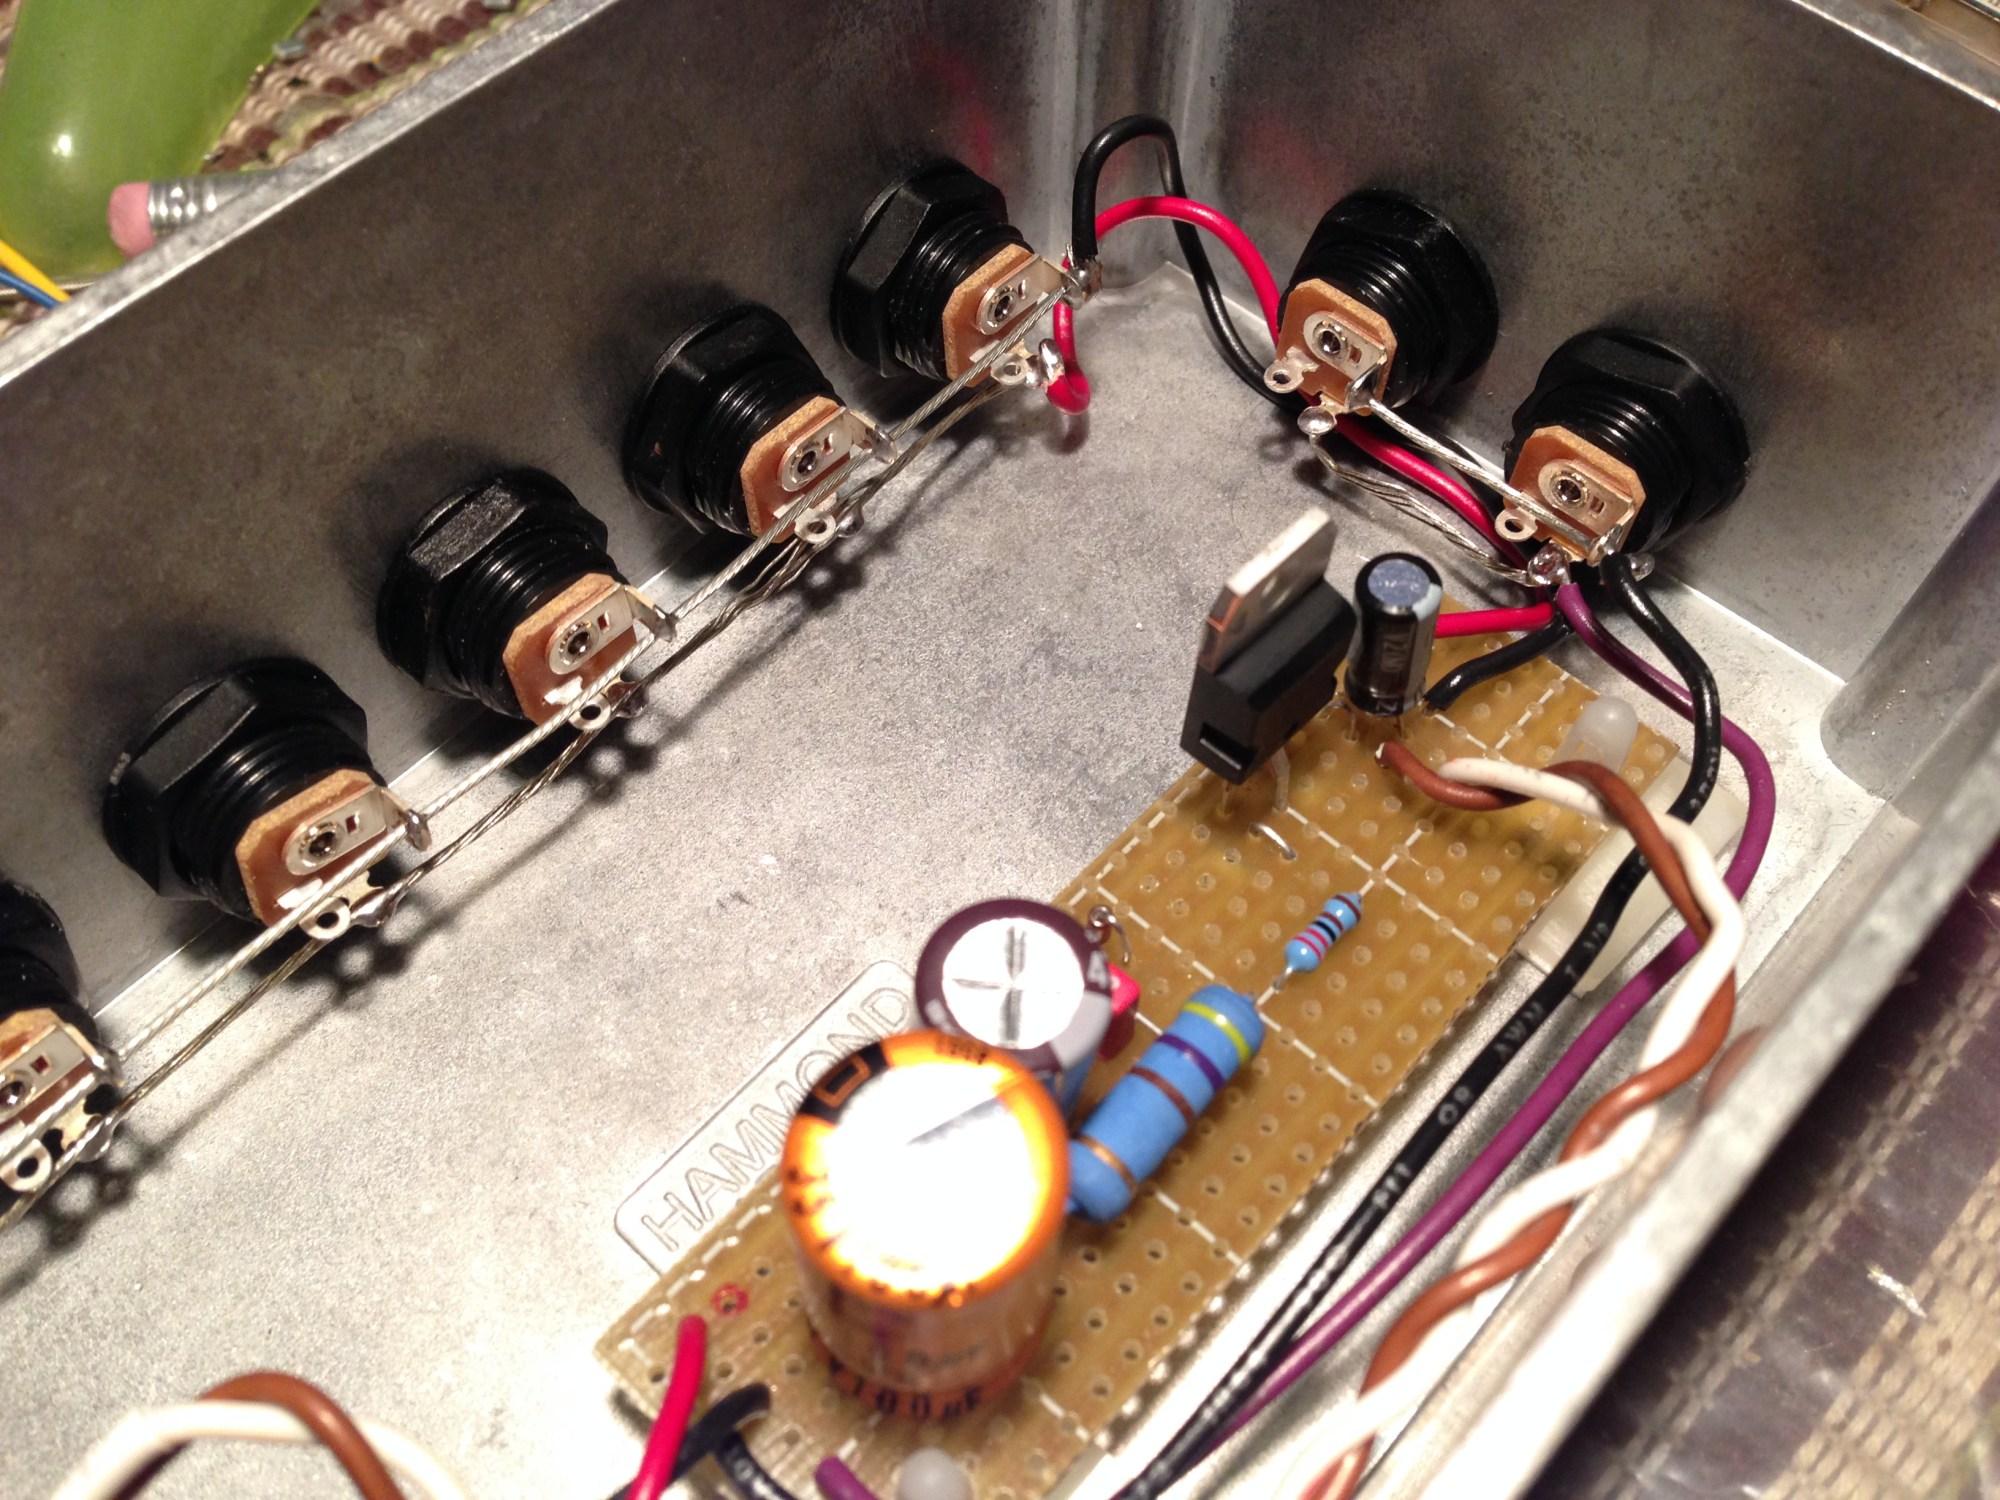 hight resolution of gut shot of 9v 18v power supply